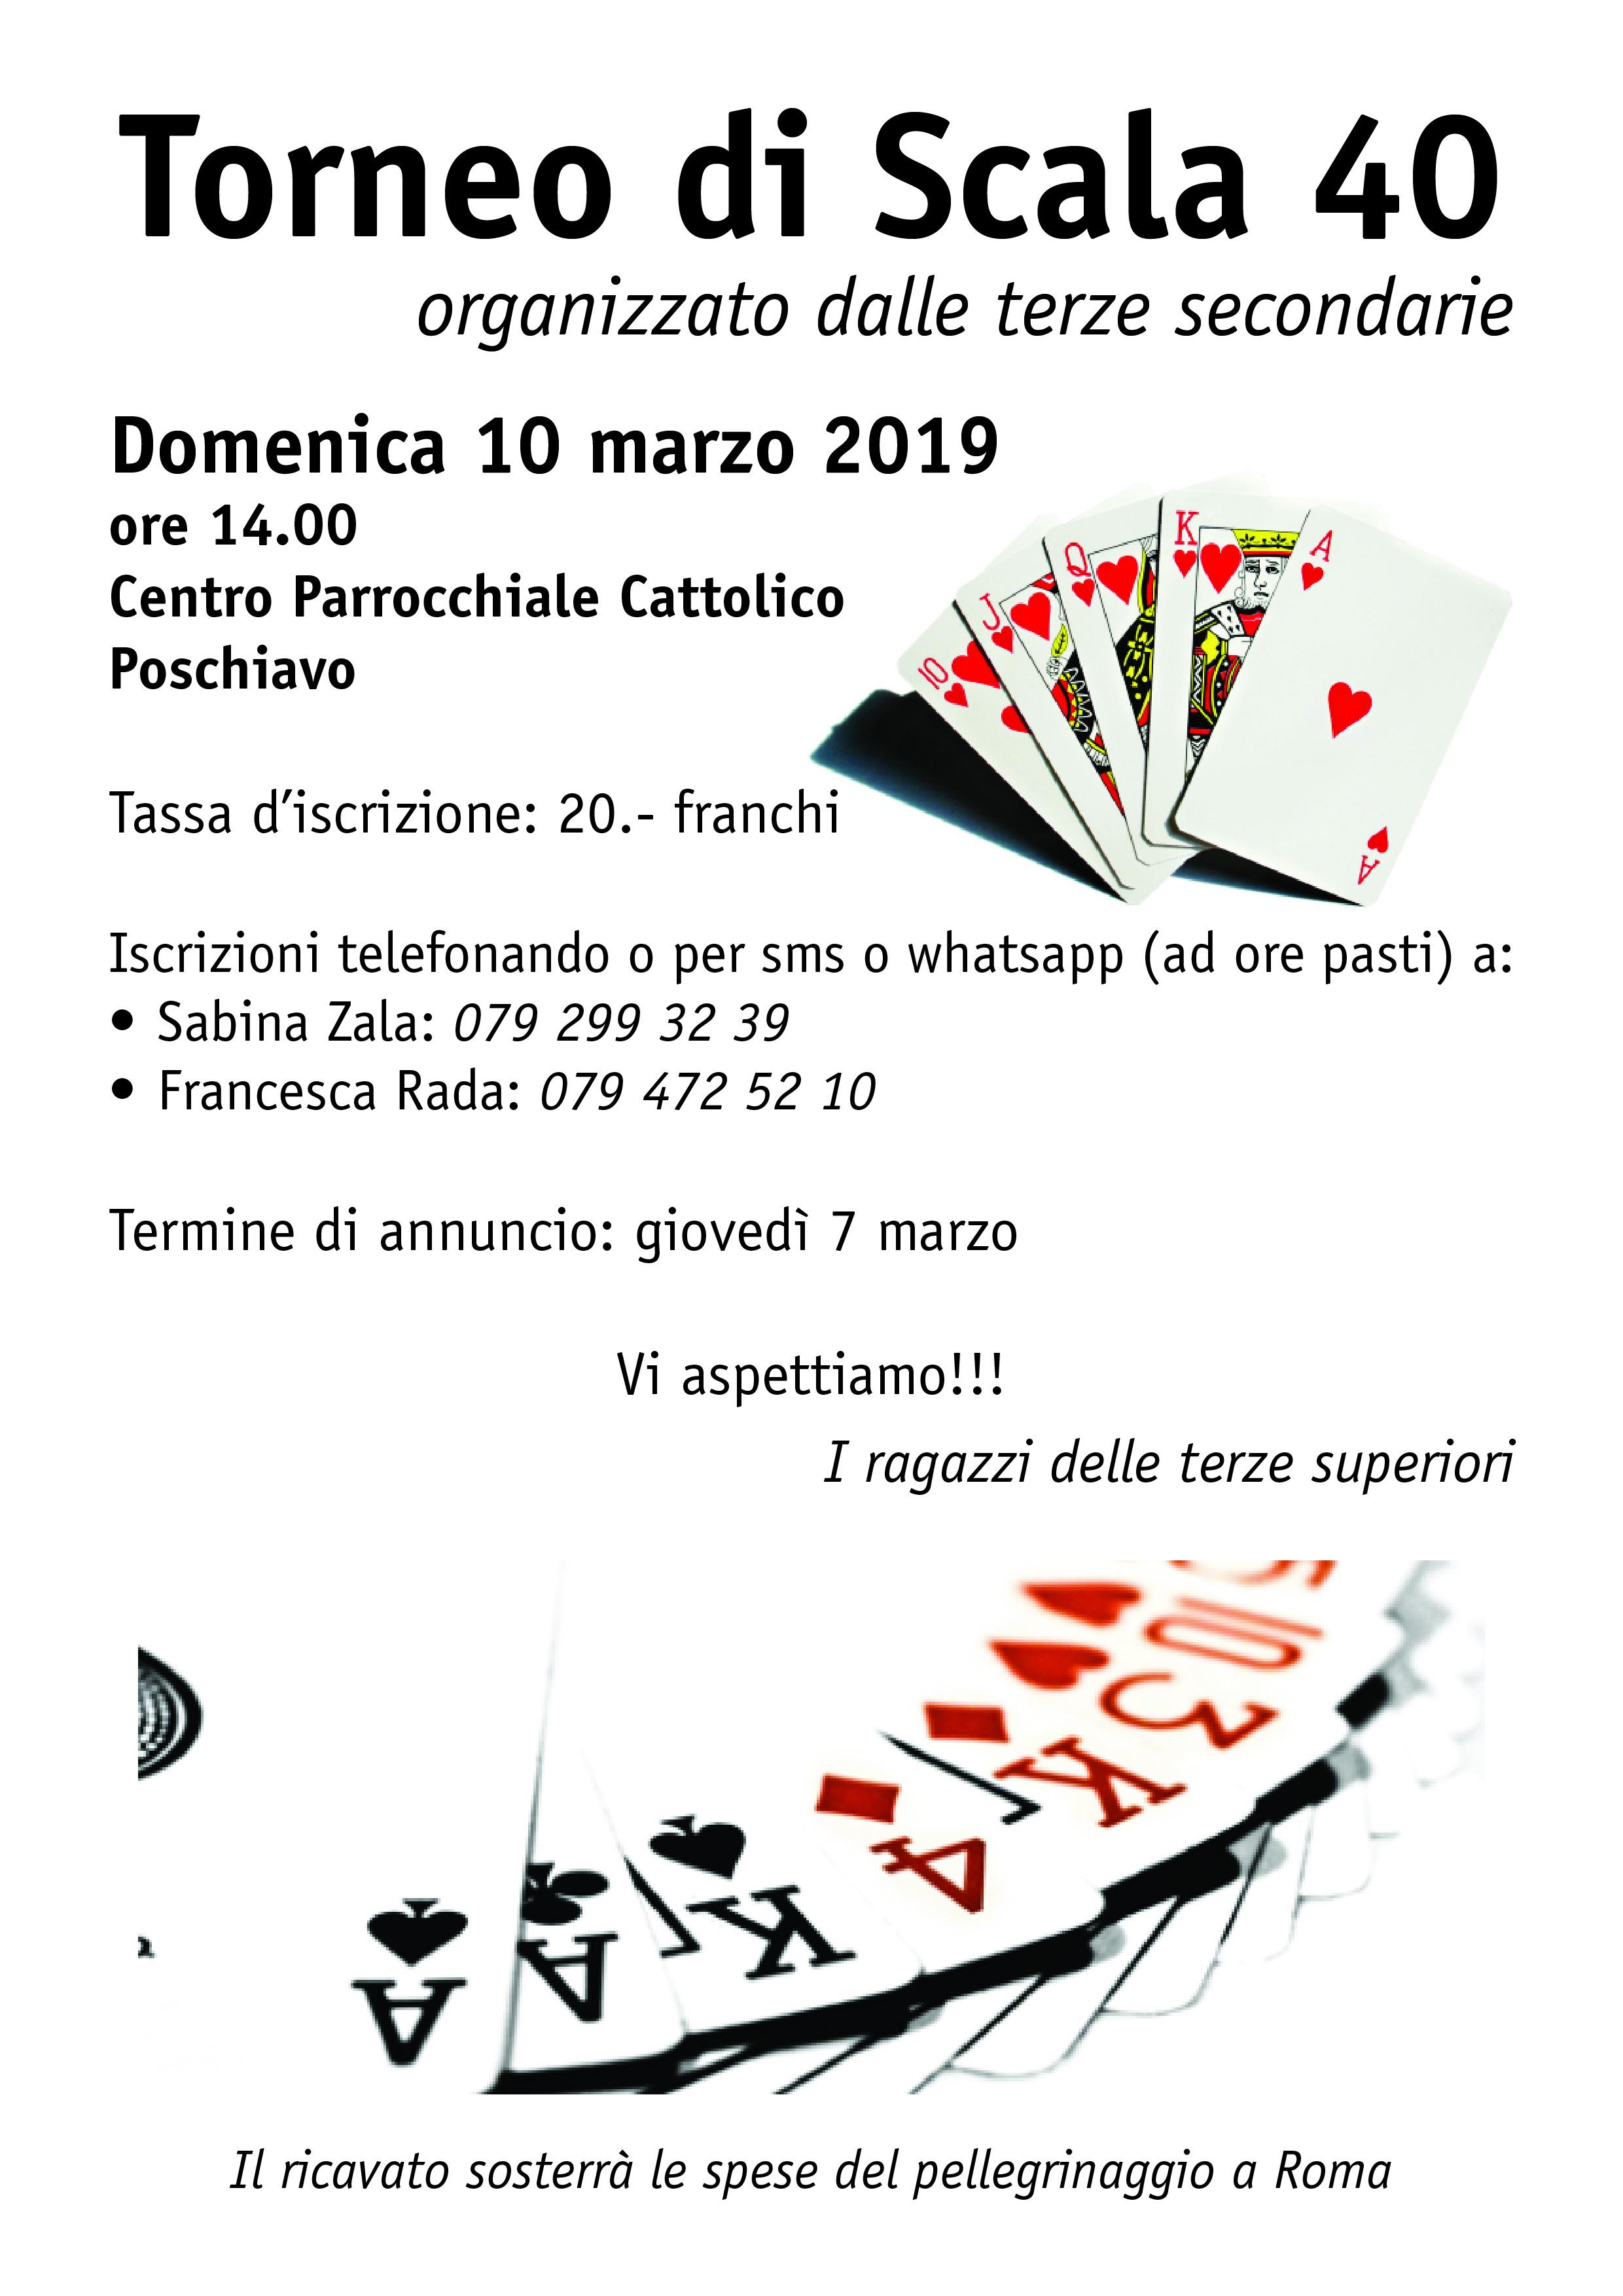 Torneo di Scala 40